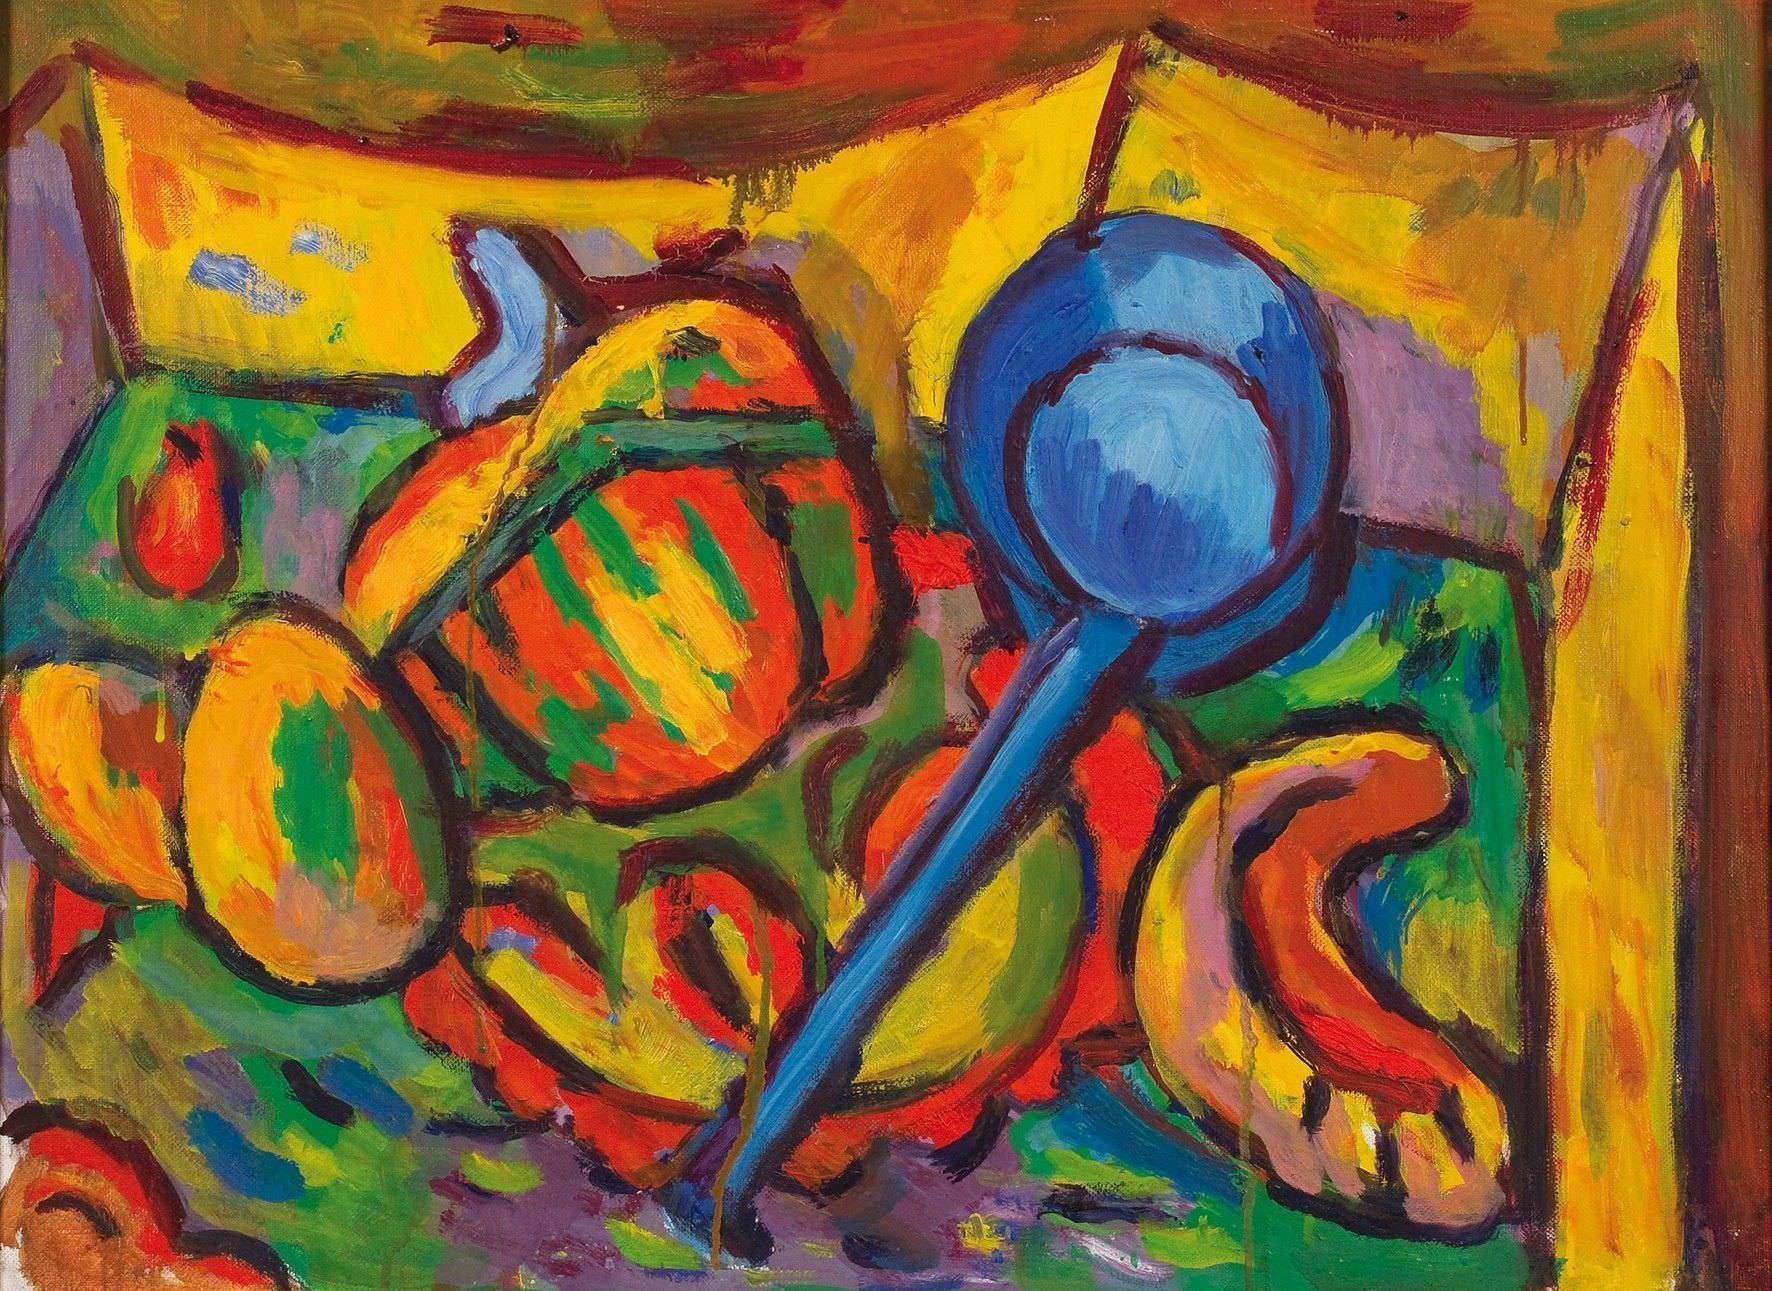 Alfred Wickenburg, Burgenländisches Stillleben II, 1968, Öl auf Leinwand, 52,5 x 69 cm (© Belvedere, Wien/Leihgabe aus Privatbesitz, New York/ © Henriette Gorton-Wickenburg 2016)